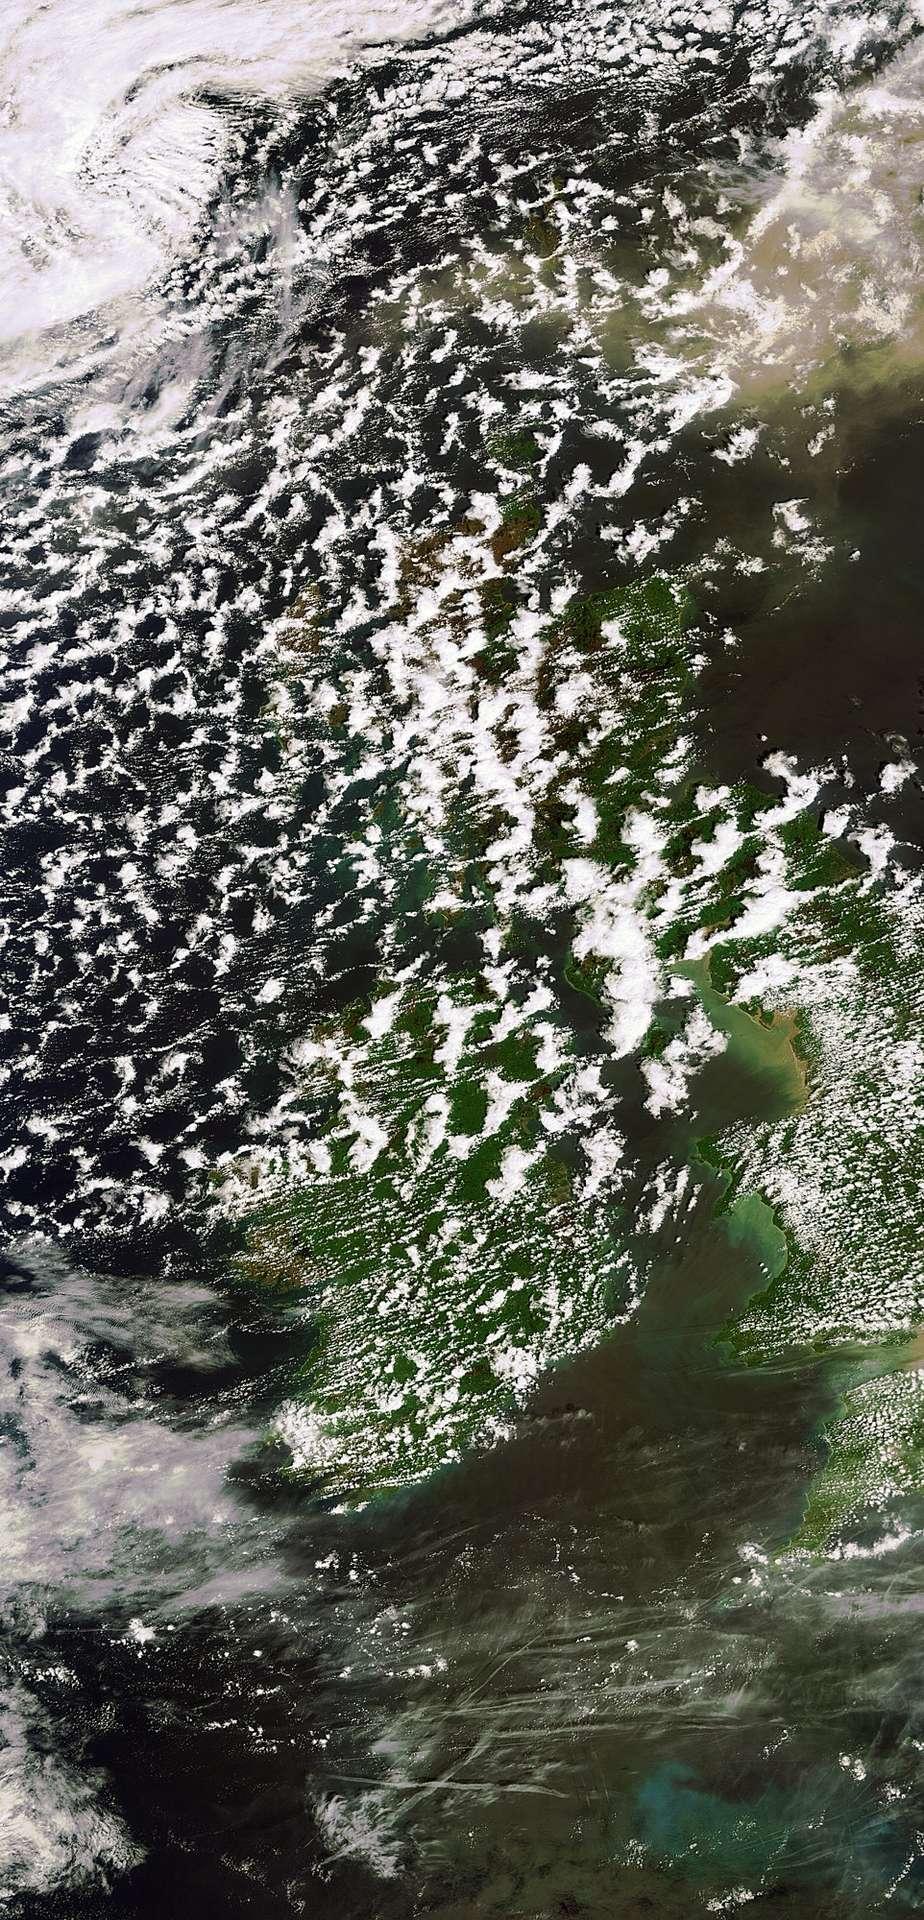 Cette image du nuage de cendres émis par le volcan islandais Grímsvötn a été prise le 24 mai par la caméra Meris (Medium Resolution Imaging Spectrometer) du satellite Envisat avec une résolution de 300 mètres. © DR